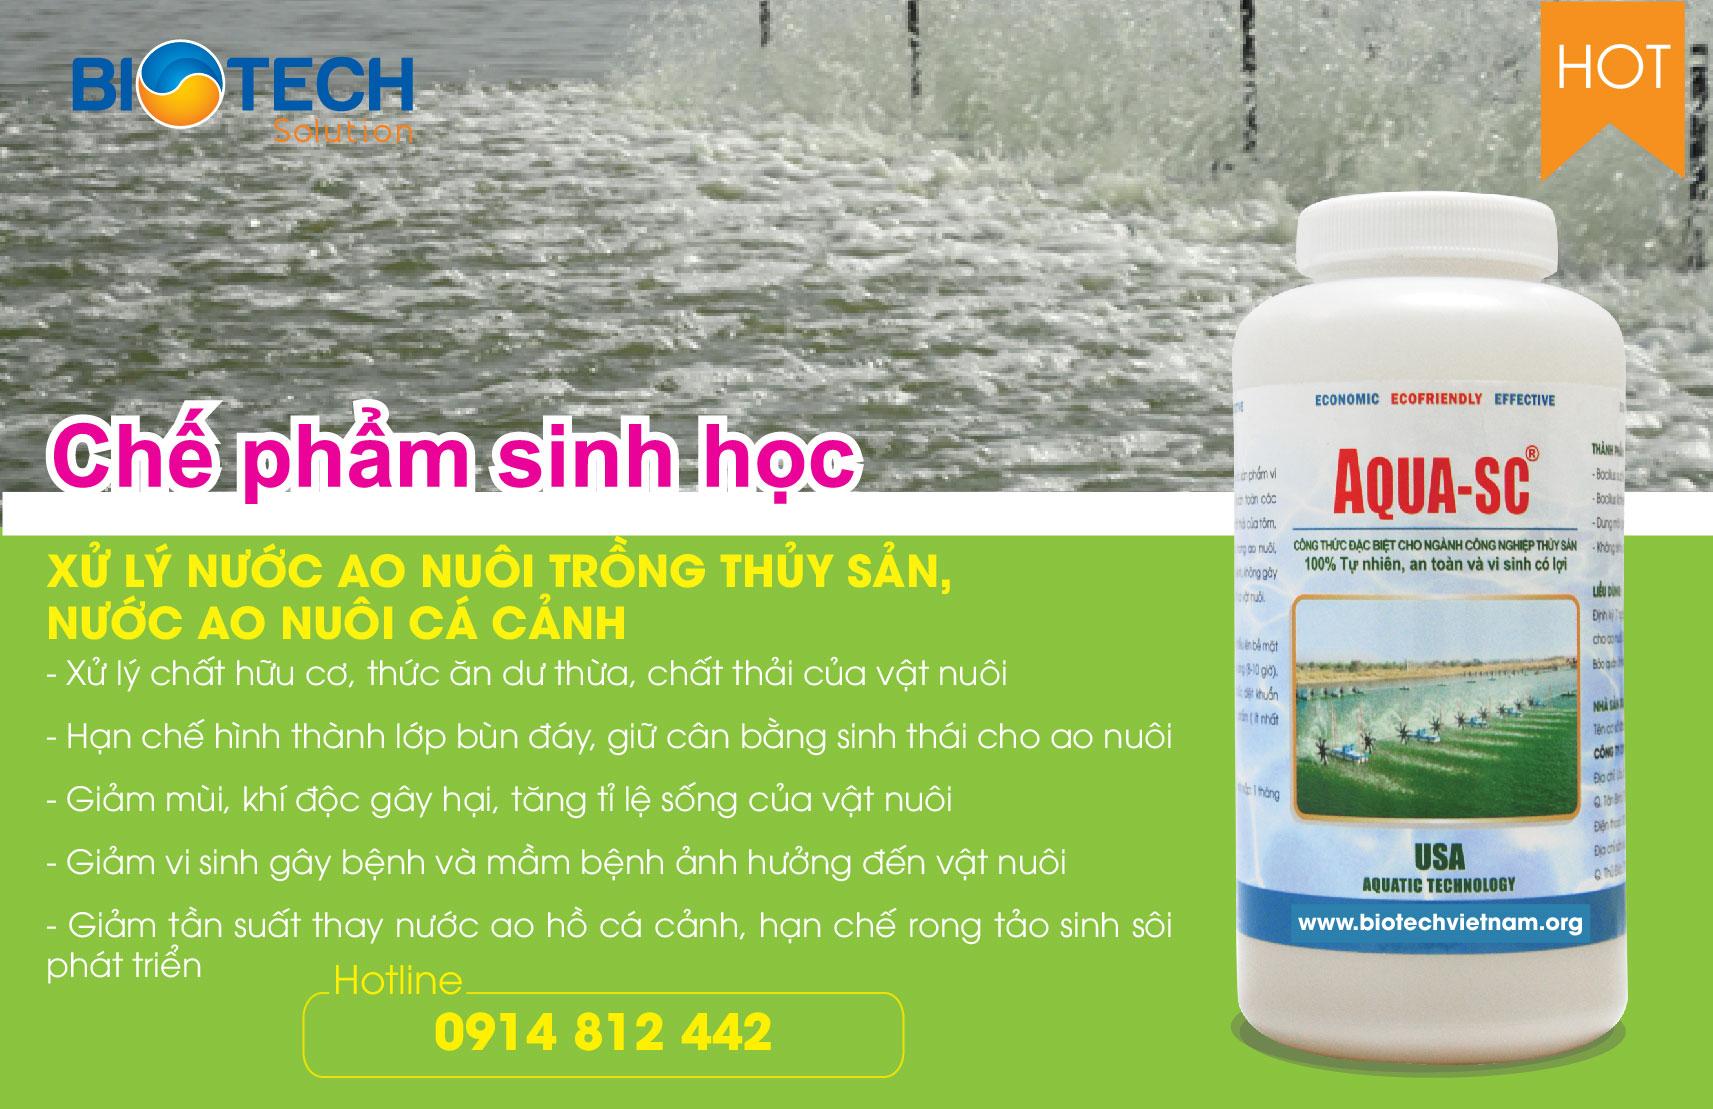 AQUA-SC - Vi sinh xử lý nước ao nuôi trồng thủy sản, nước ao nuôi cá cảnh